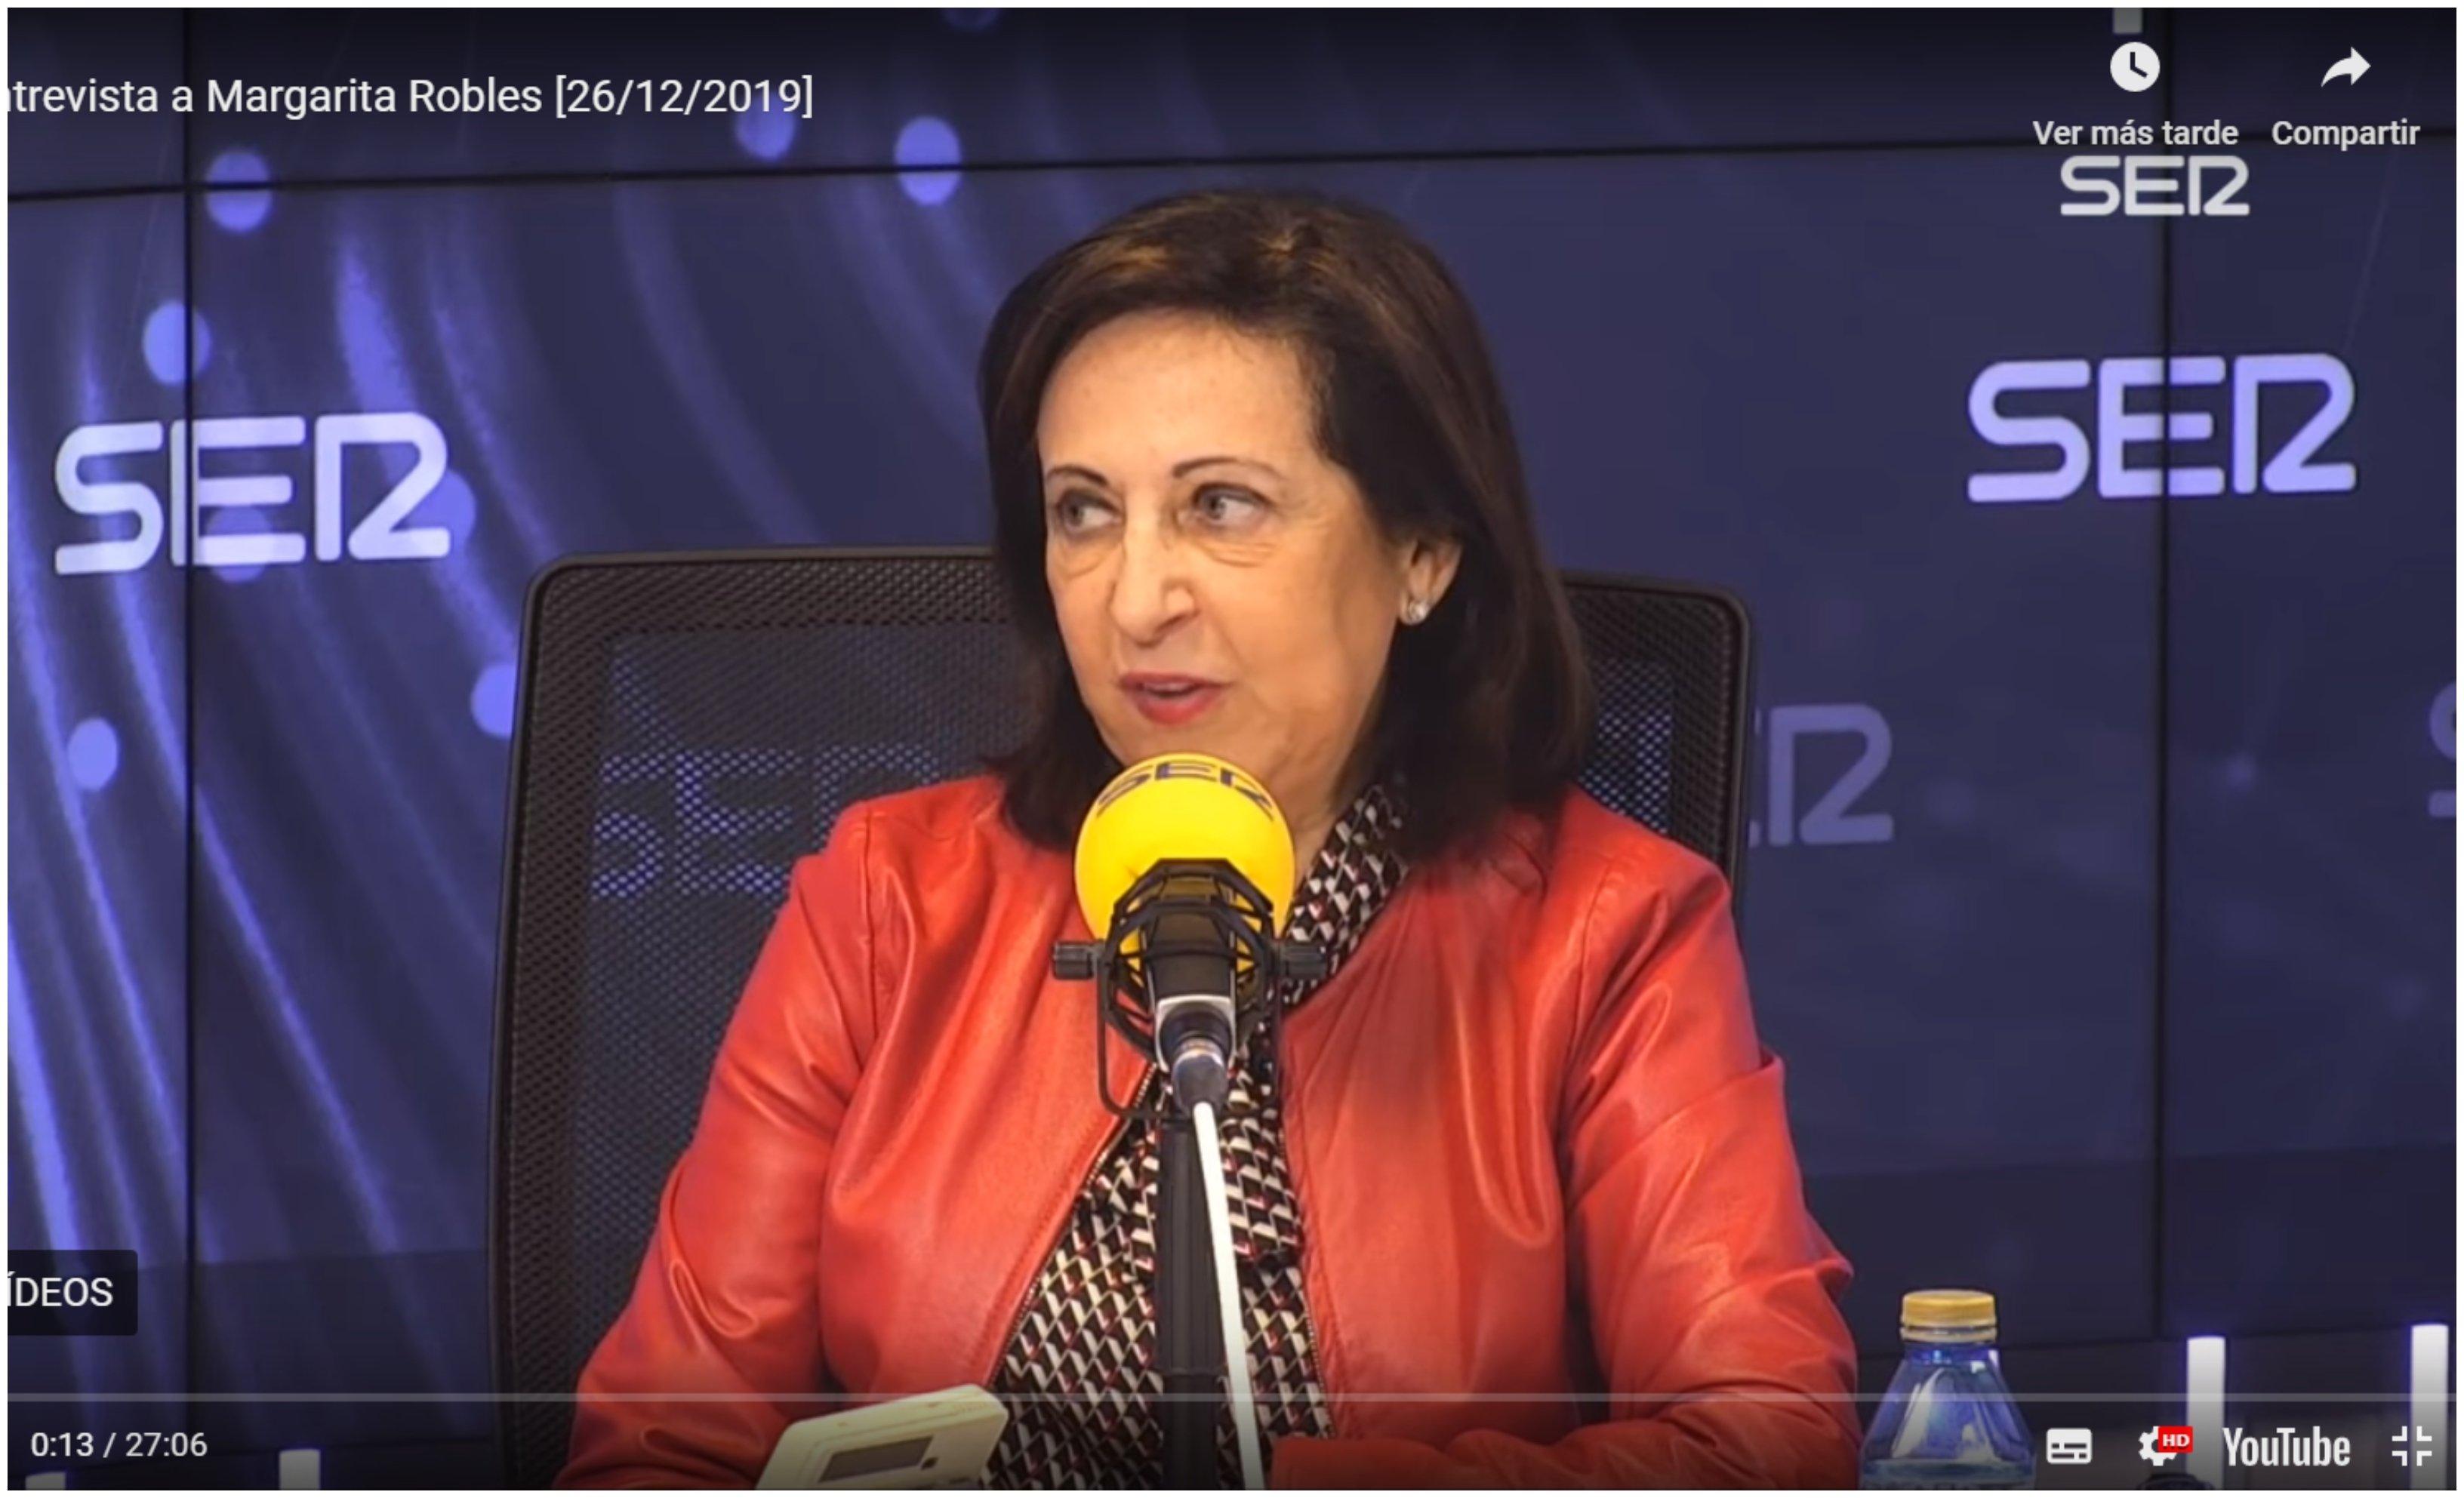 La España fallida de Sánchez: el chantaje político de ERC y la hipocresía de Margarita Robles